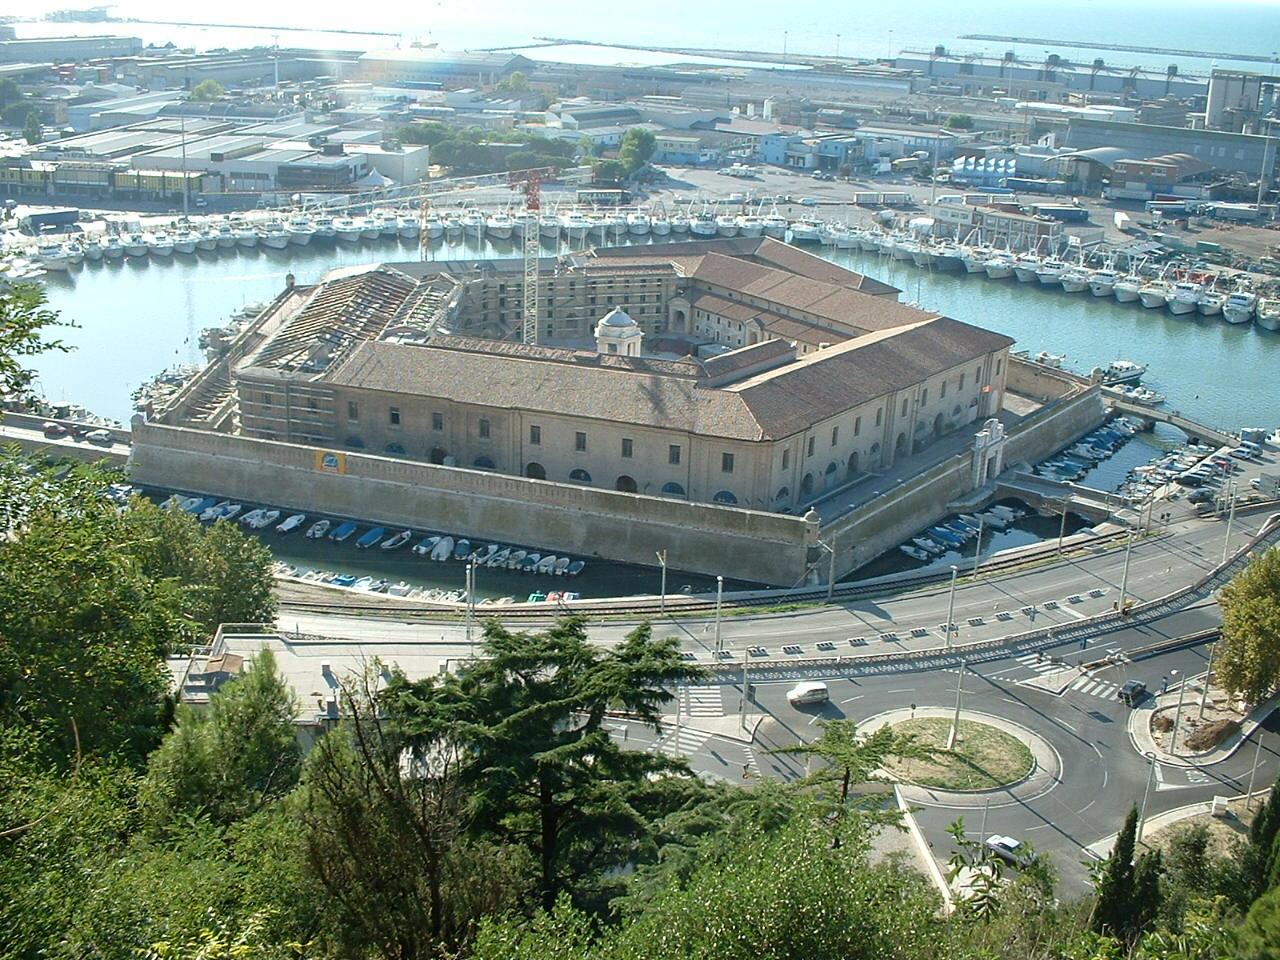 hotel ankon ancona italia - photo#30